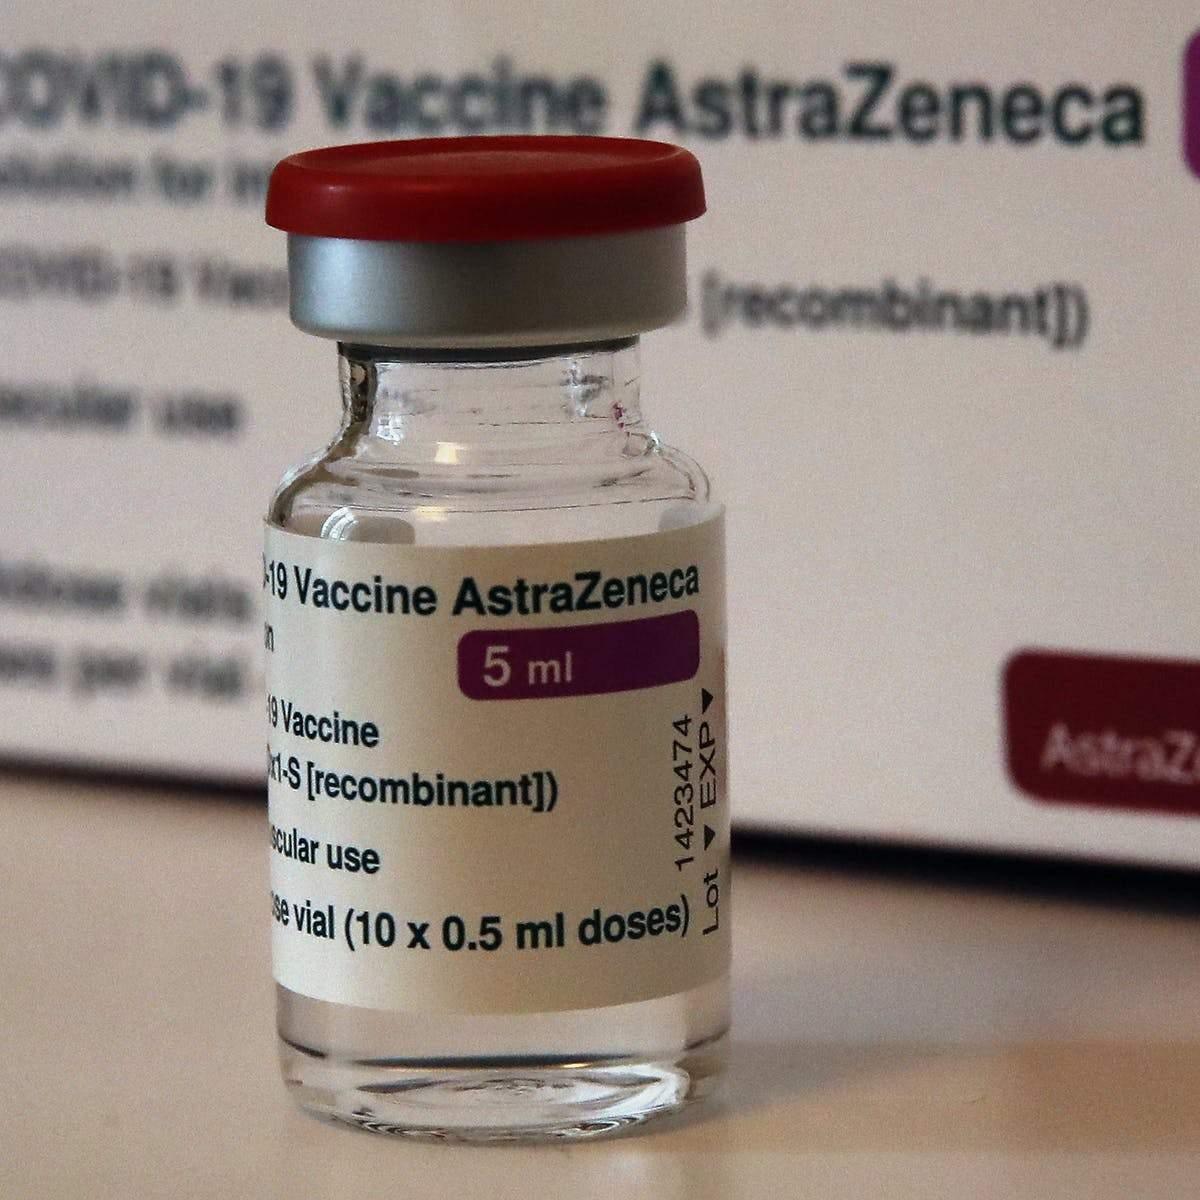 O sticlă de vaccin AstraZeneca